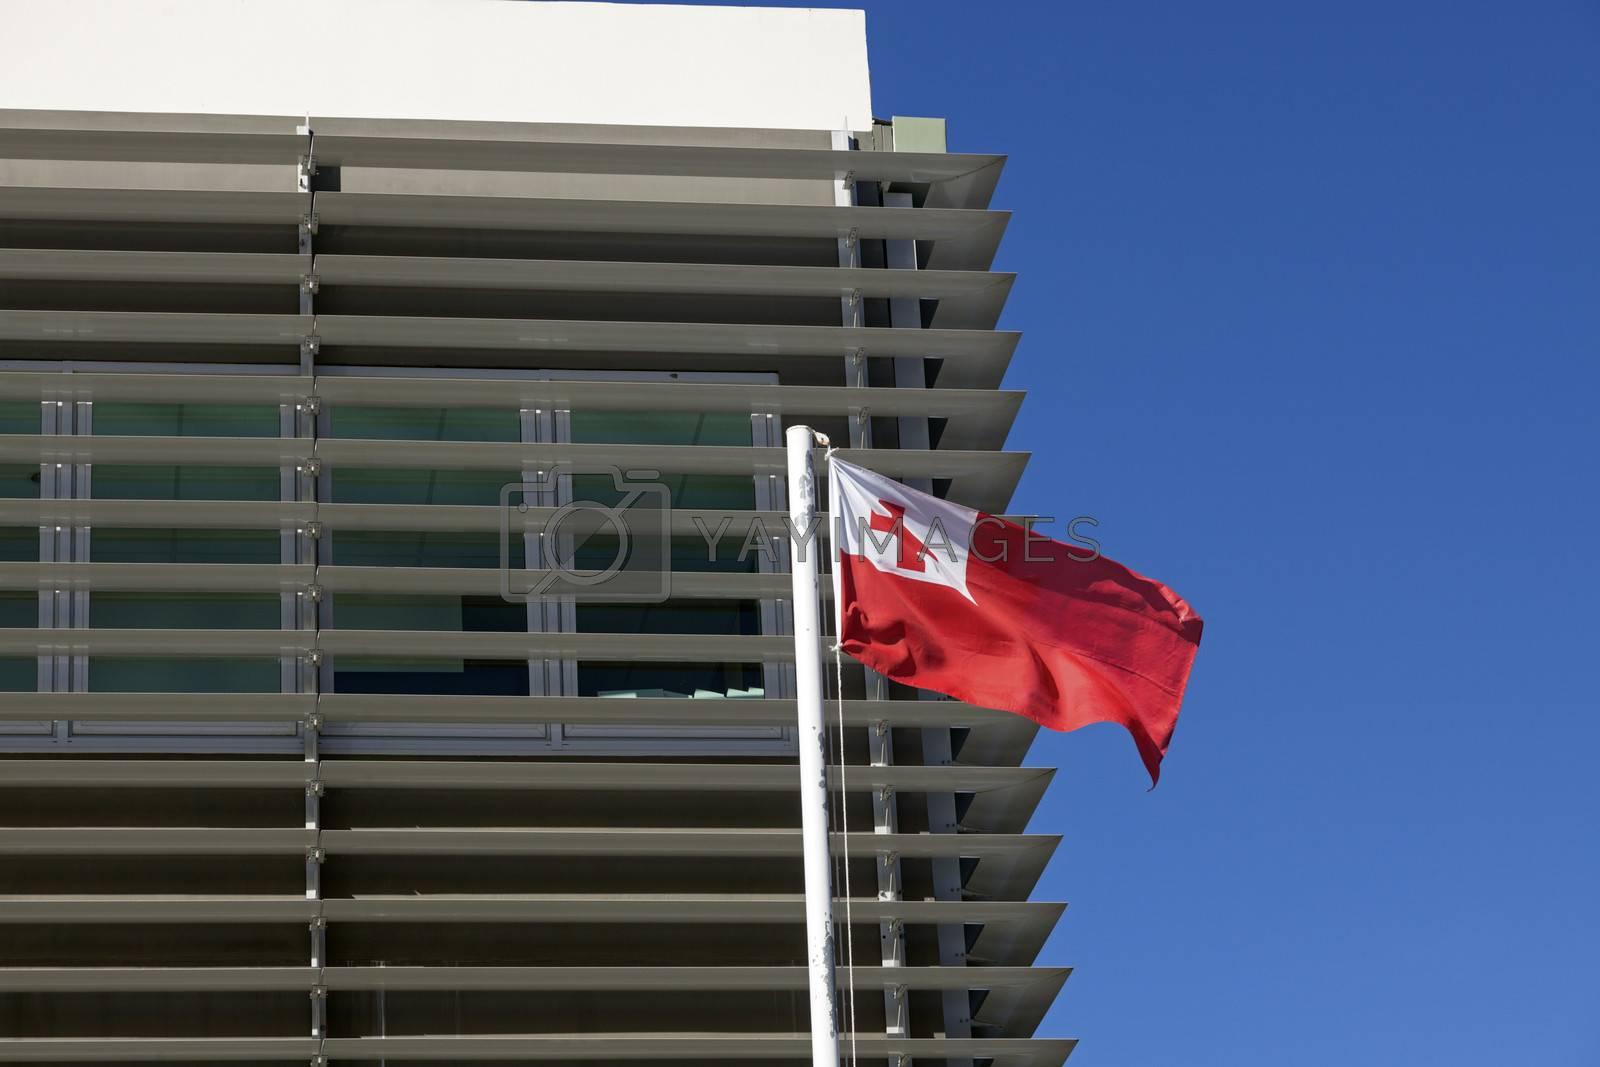 Royalty free image of Nuku'alofa building and Tongan flag by benkrut